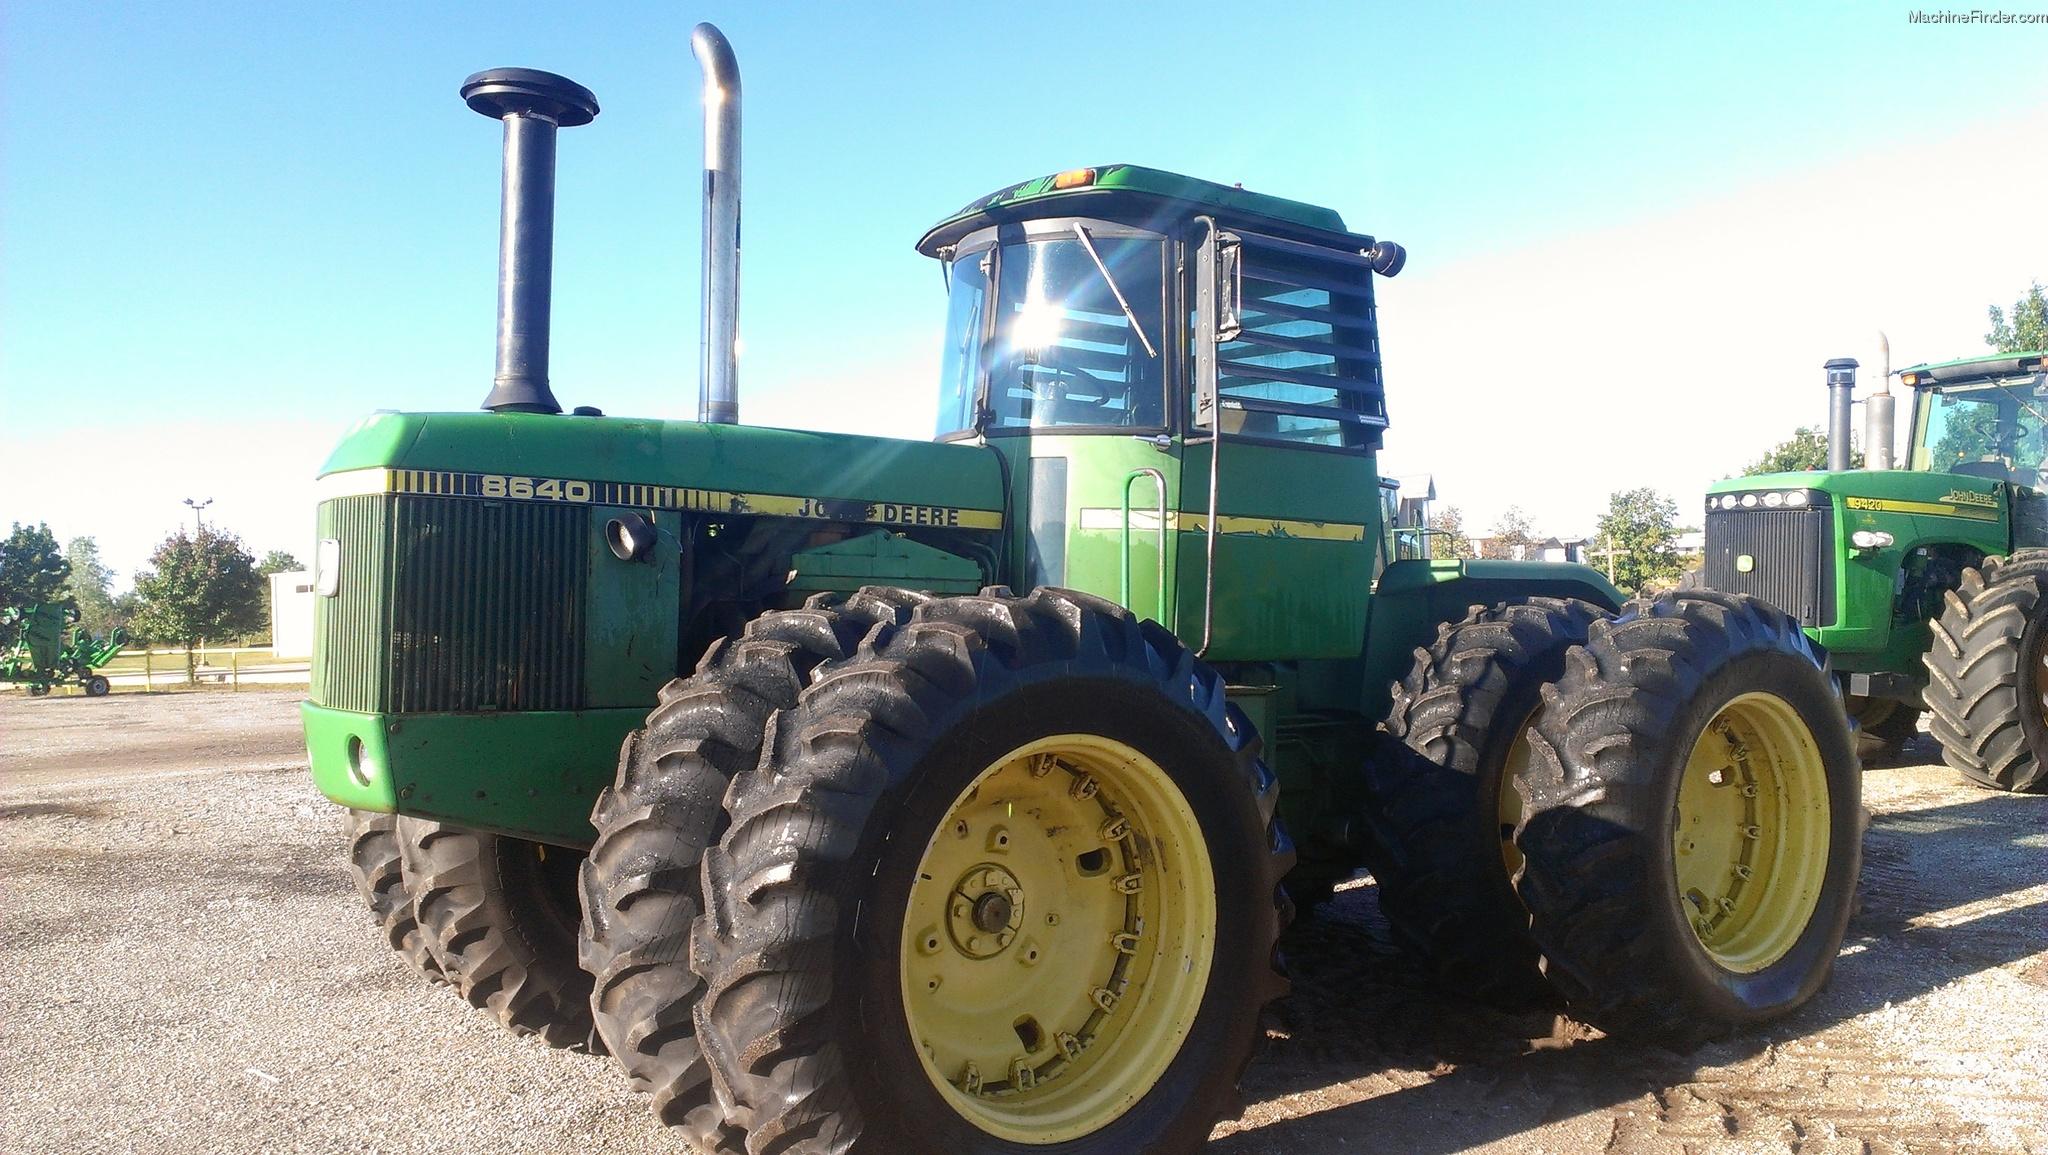 1980 John Deere JD 8640 Tractors - Articulated 4WD - John Deere ...